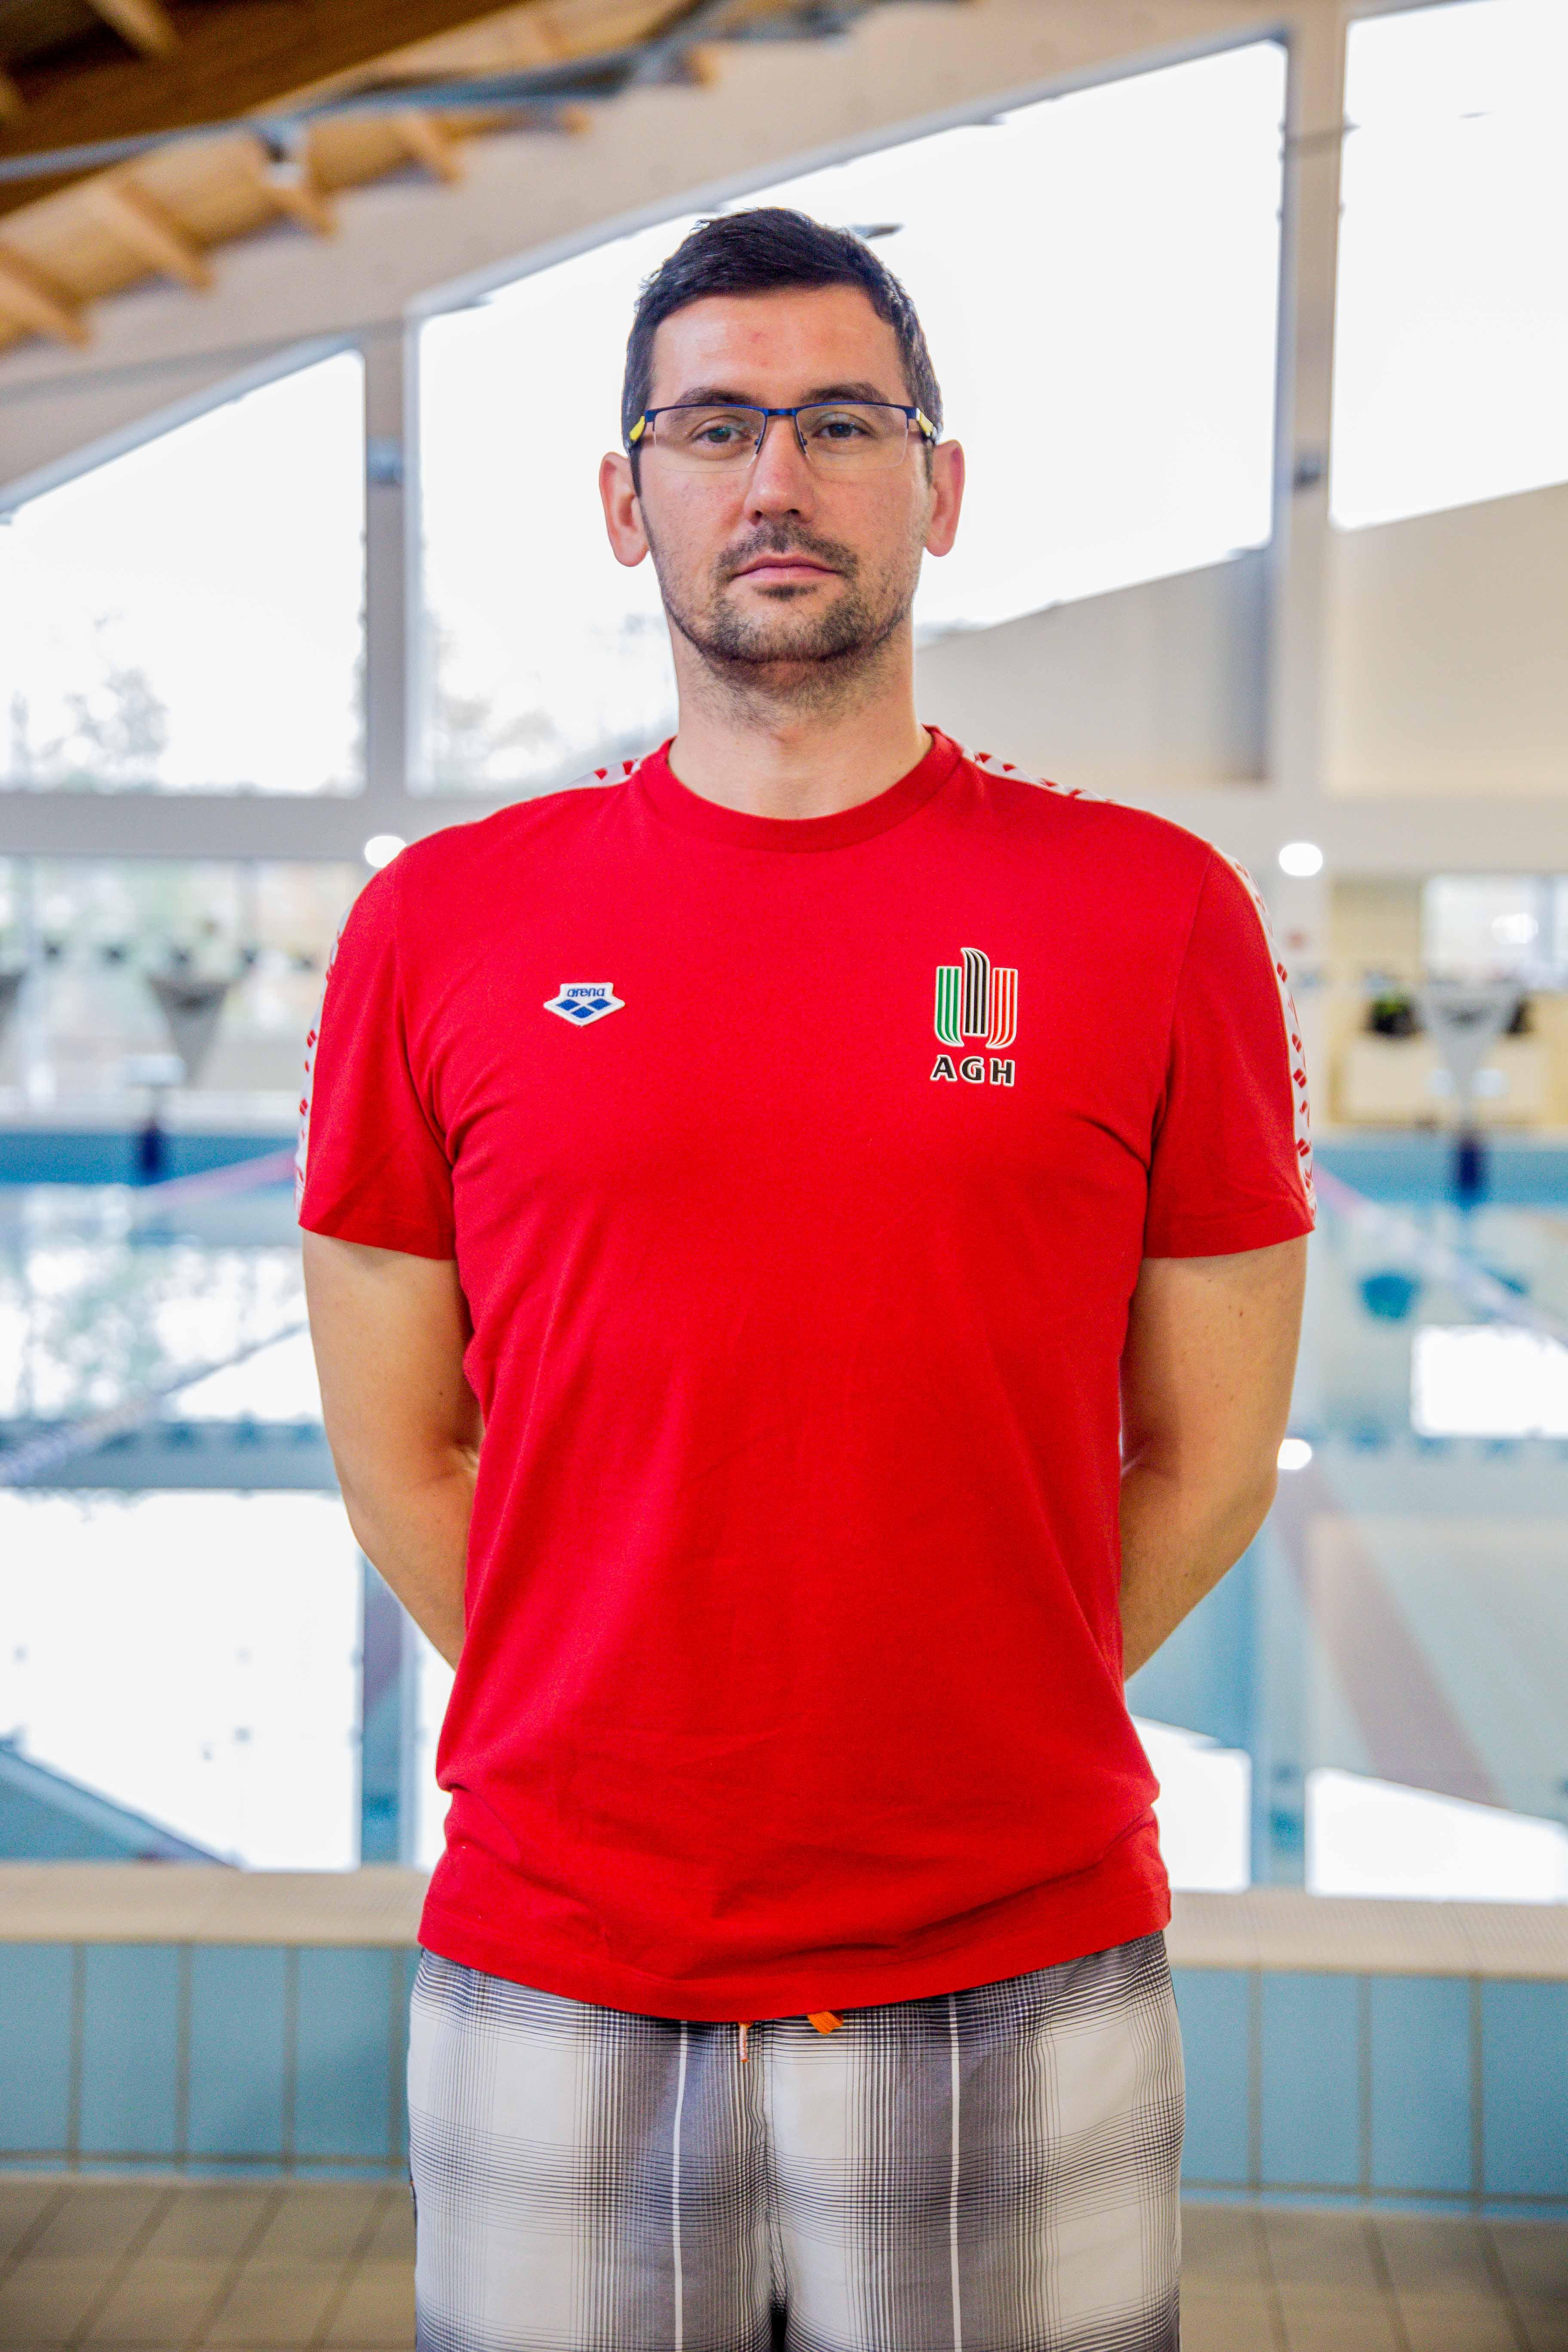 Piotr Gęgotek